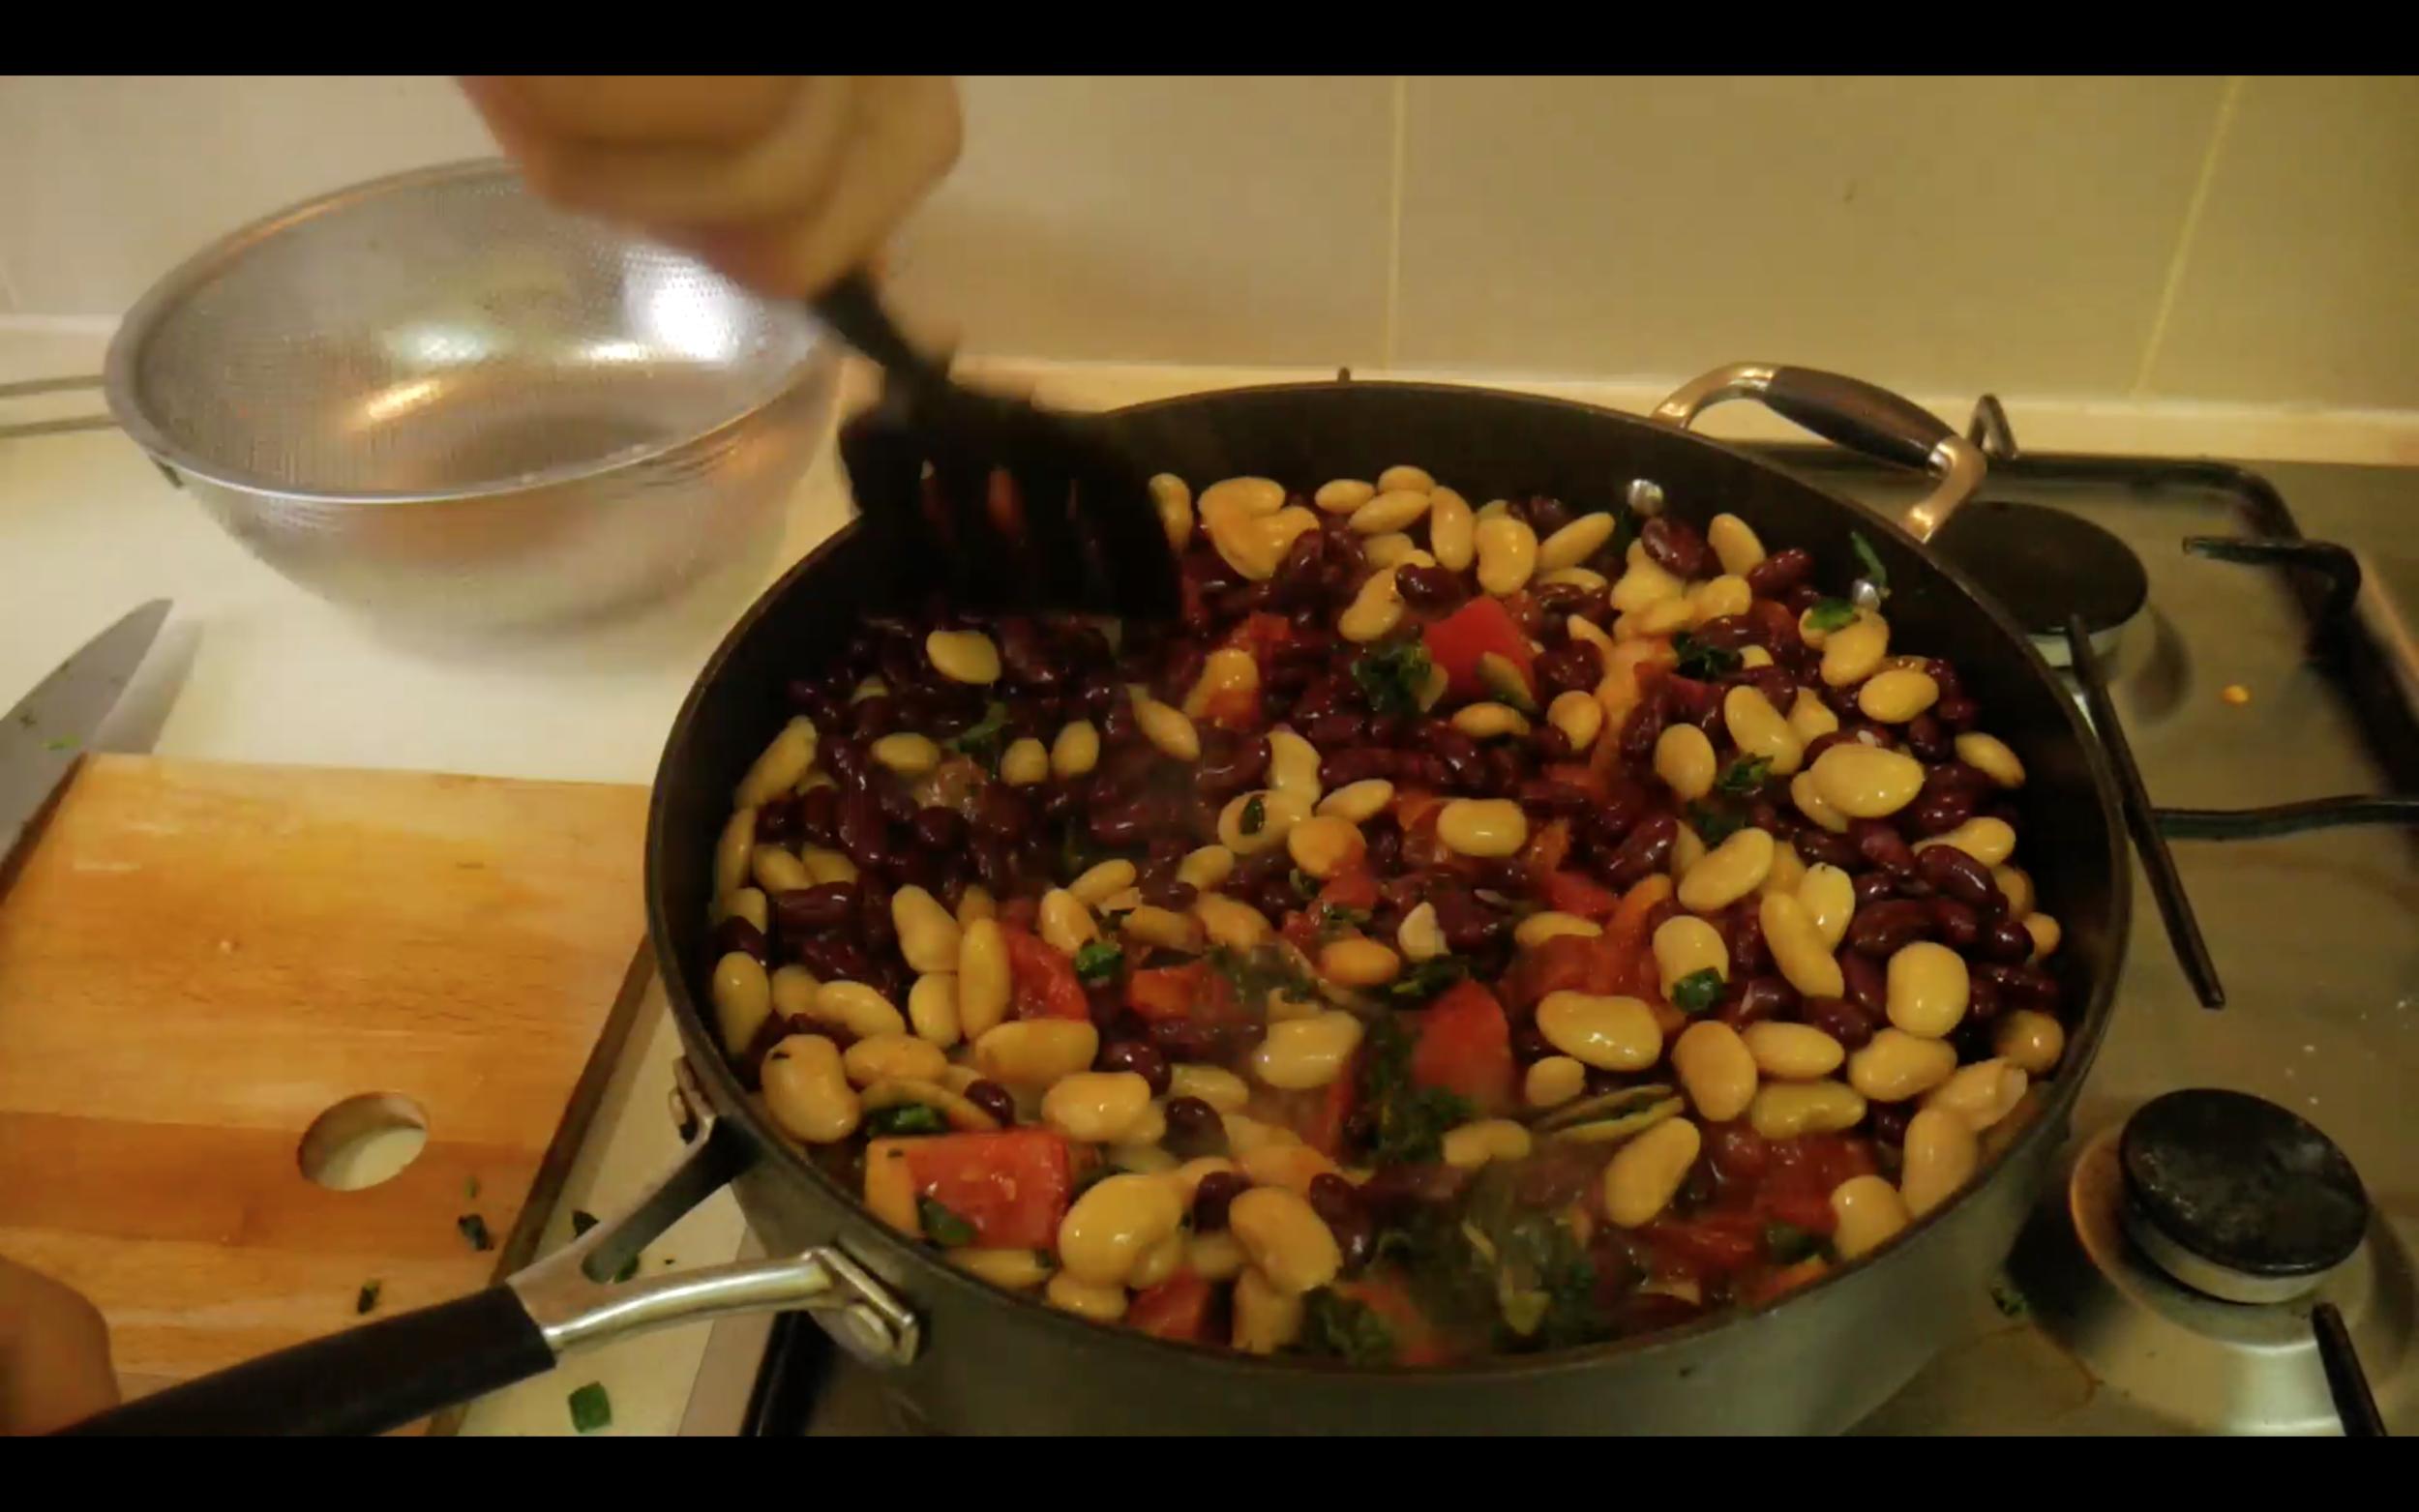 High Protein Breakfast: Homemade Baked Beans